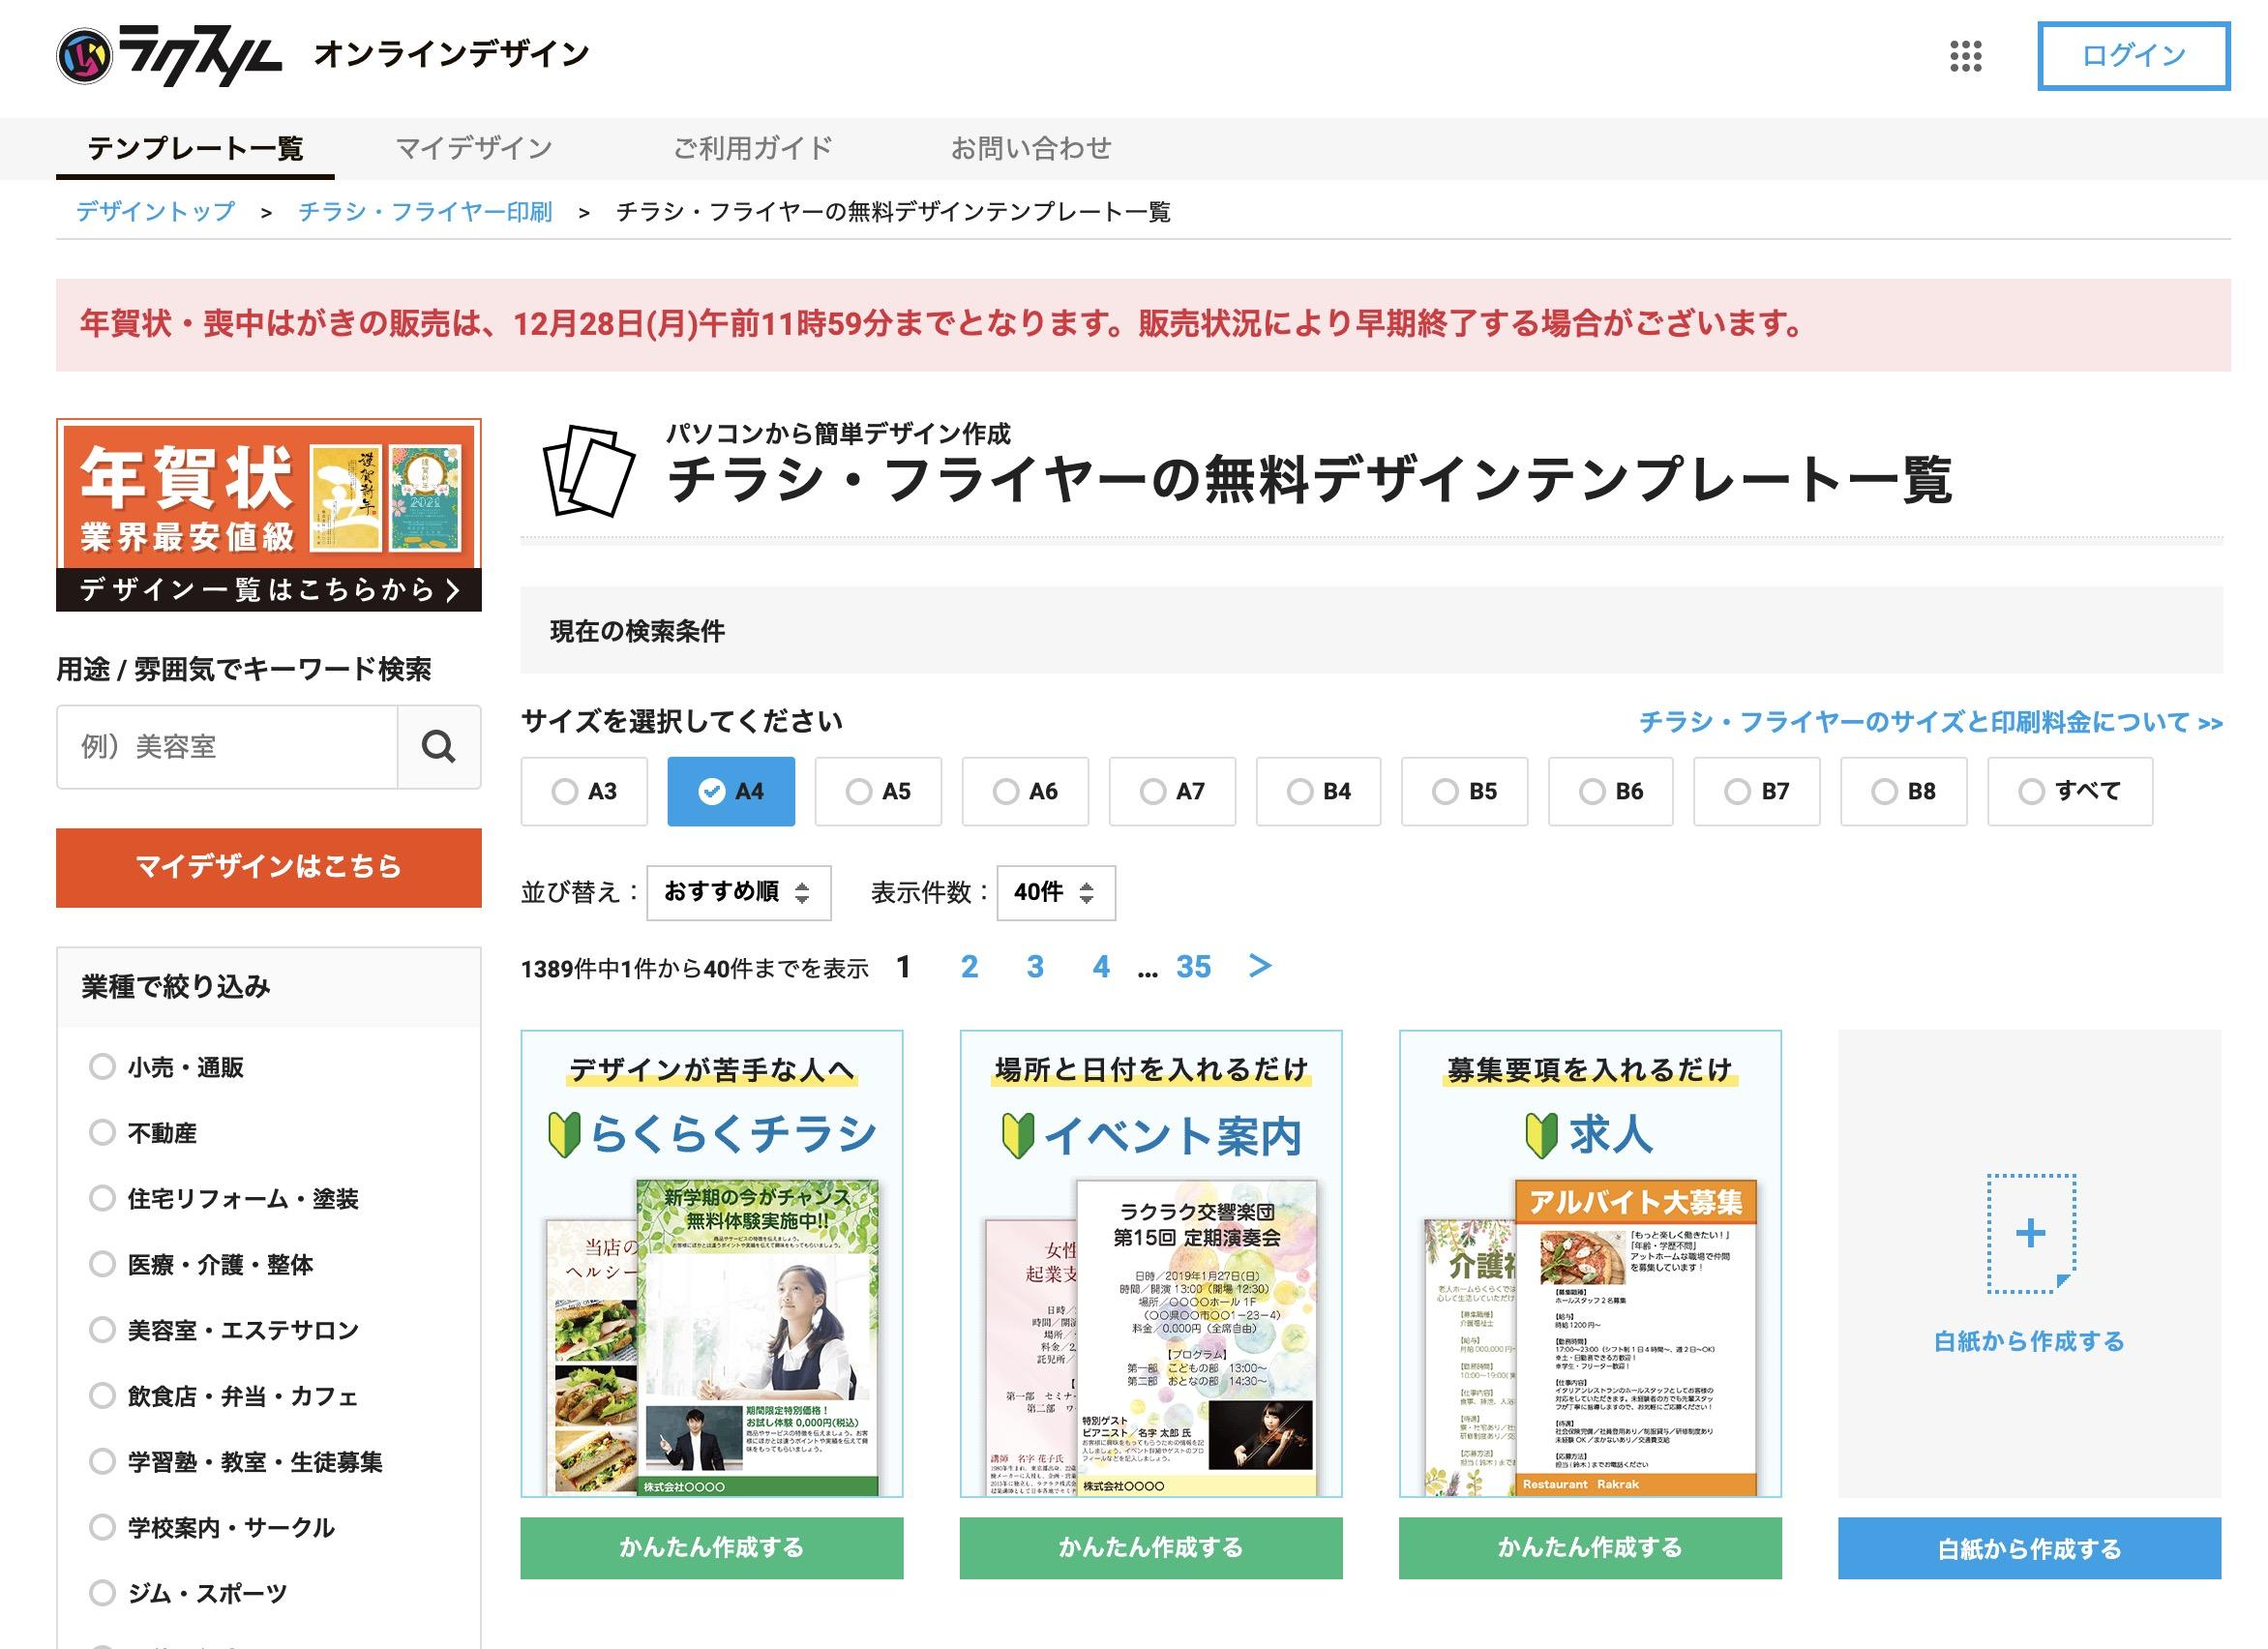 オンラインデザインのトップ画面